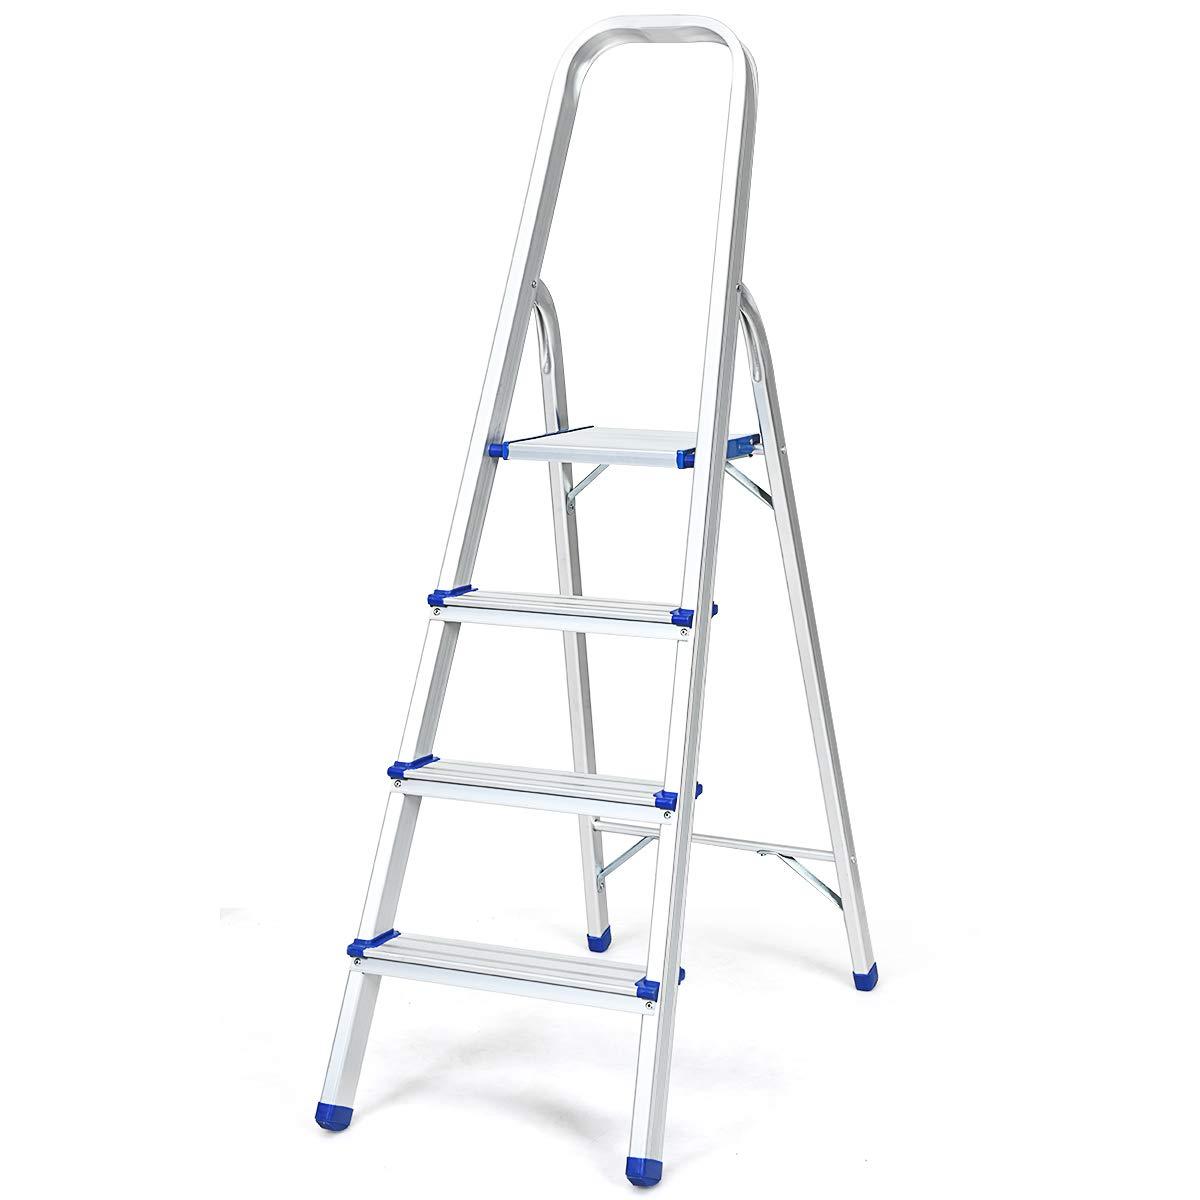 Silbrig Belastbarkeit 150 kg 5 Stufen Stehleiter Klappbar COSTWAY Trittleiter Leiter aus Aluminium Haushaltsleiter Klappleiter Mehrzweckleiter